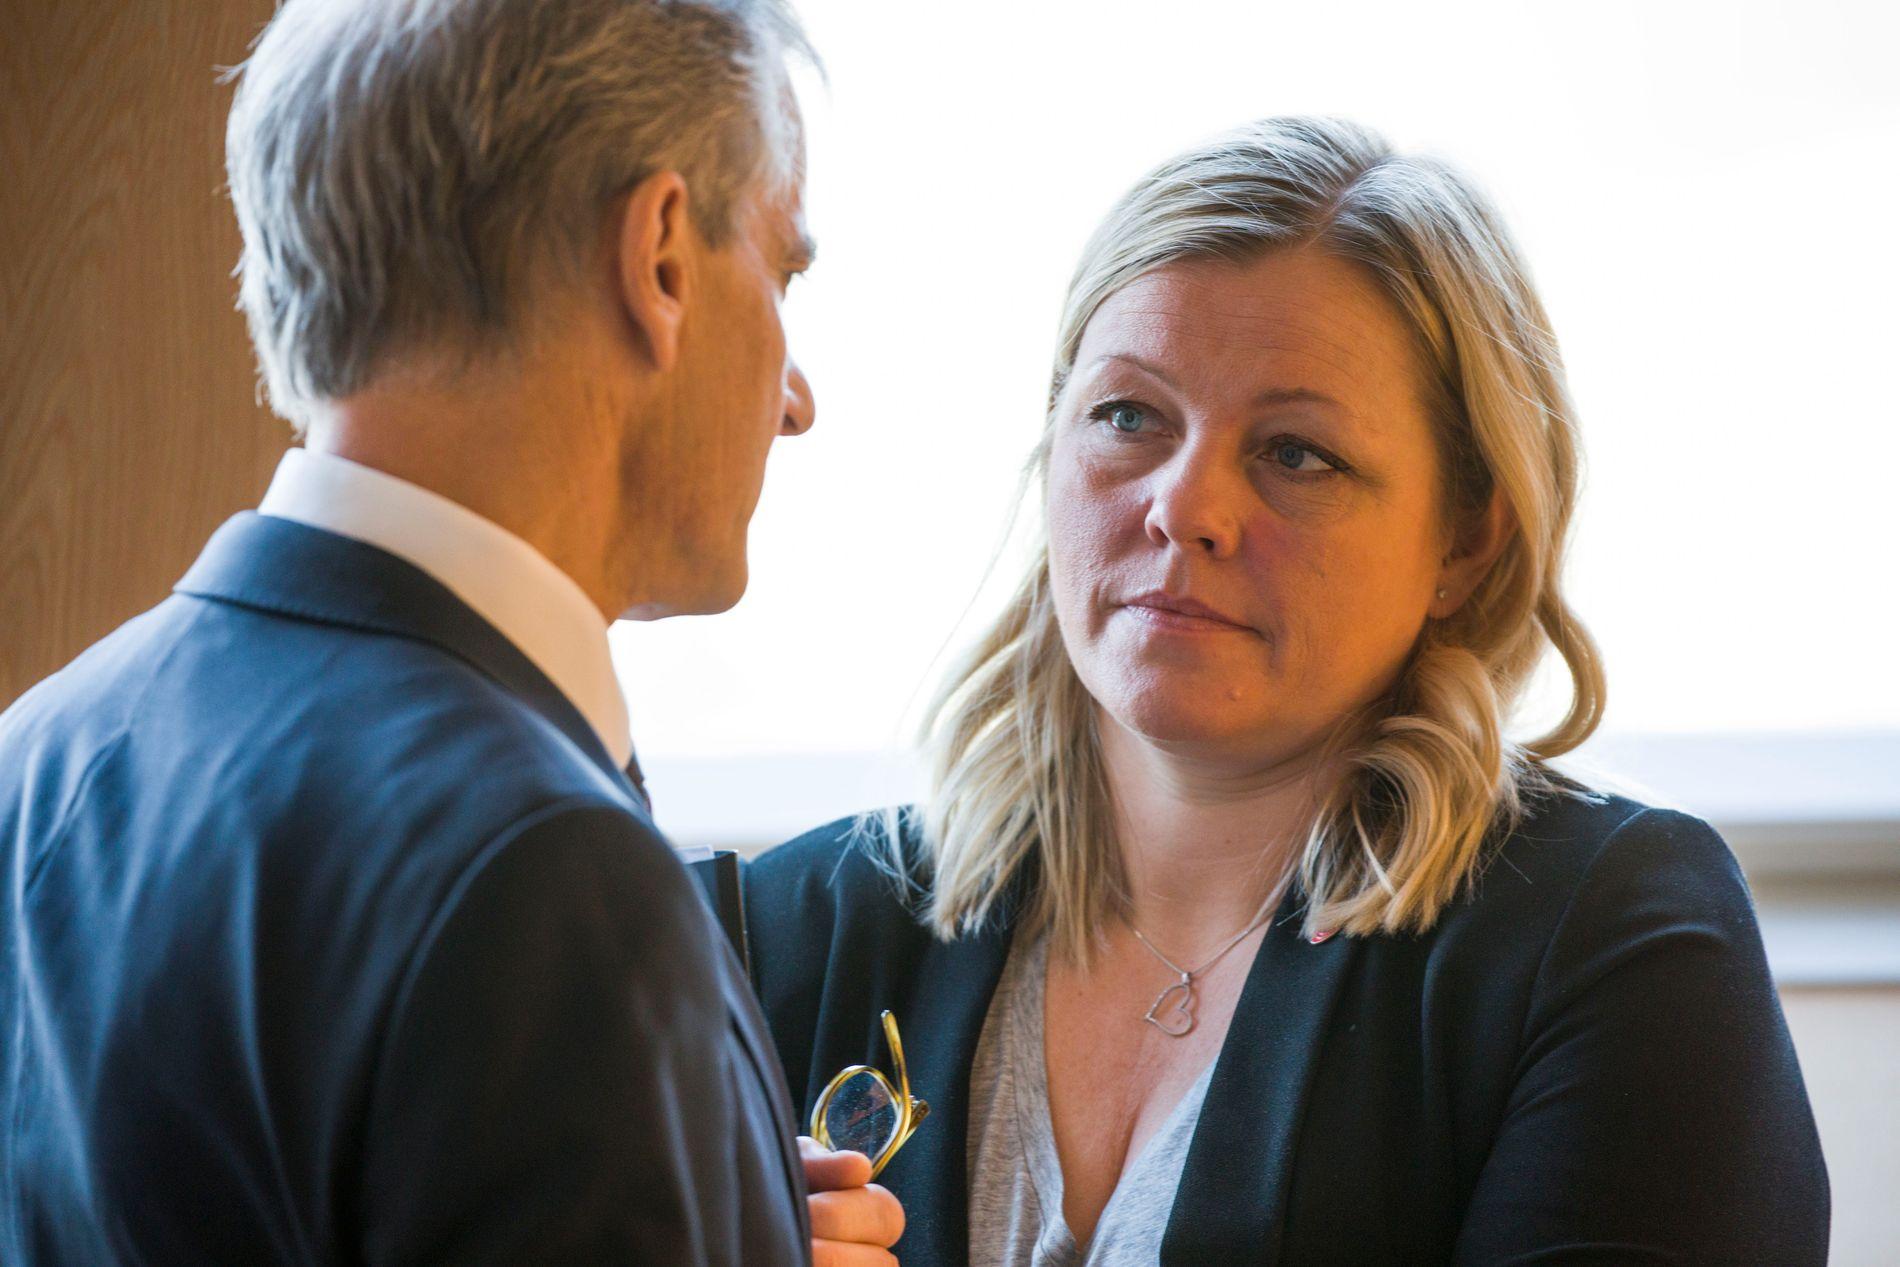 Partisekretær Kjersti Stenseng i Arbeiderpartiet sier at hun har hundre prosent tillit til Støre som partileder, og aviser at det pågår en lederstrid i partiet.